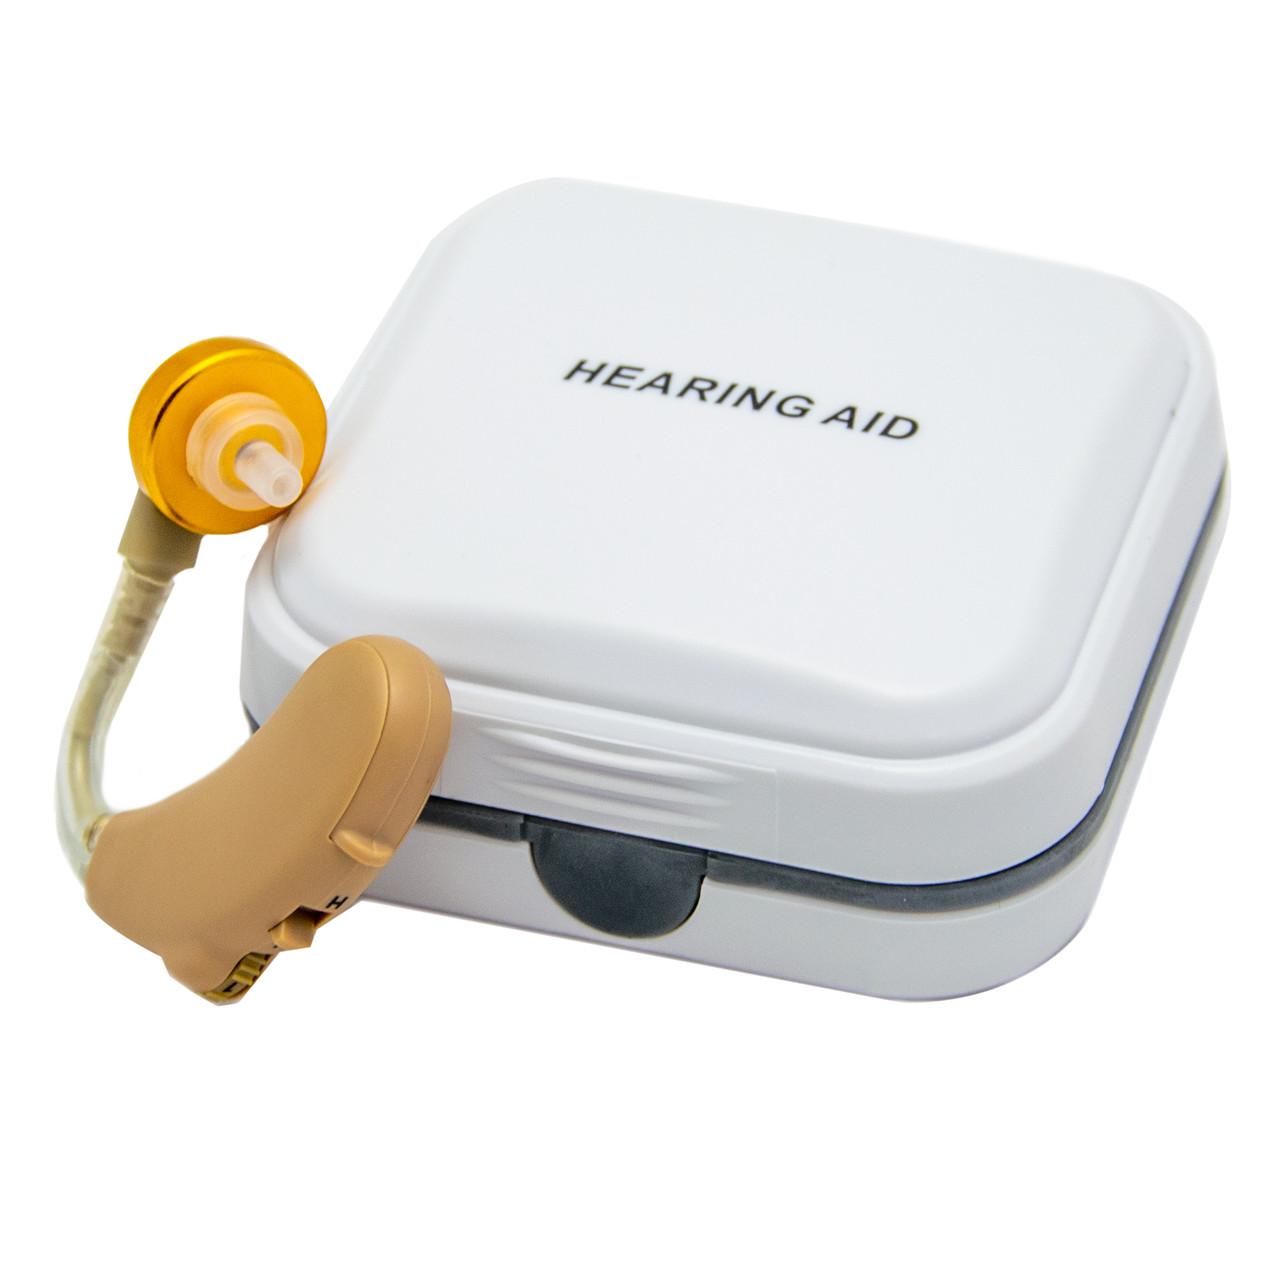 Слуховий апарат Axon V-185 завушний, підсилювач звуку людини, прилад для поліпшення слуху (слуховий апарат)